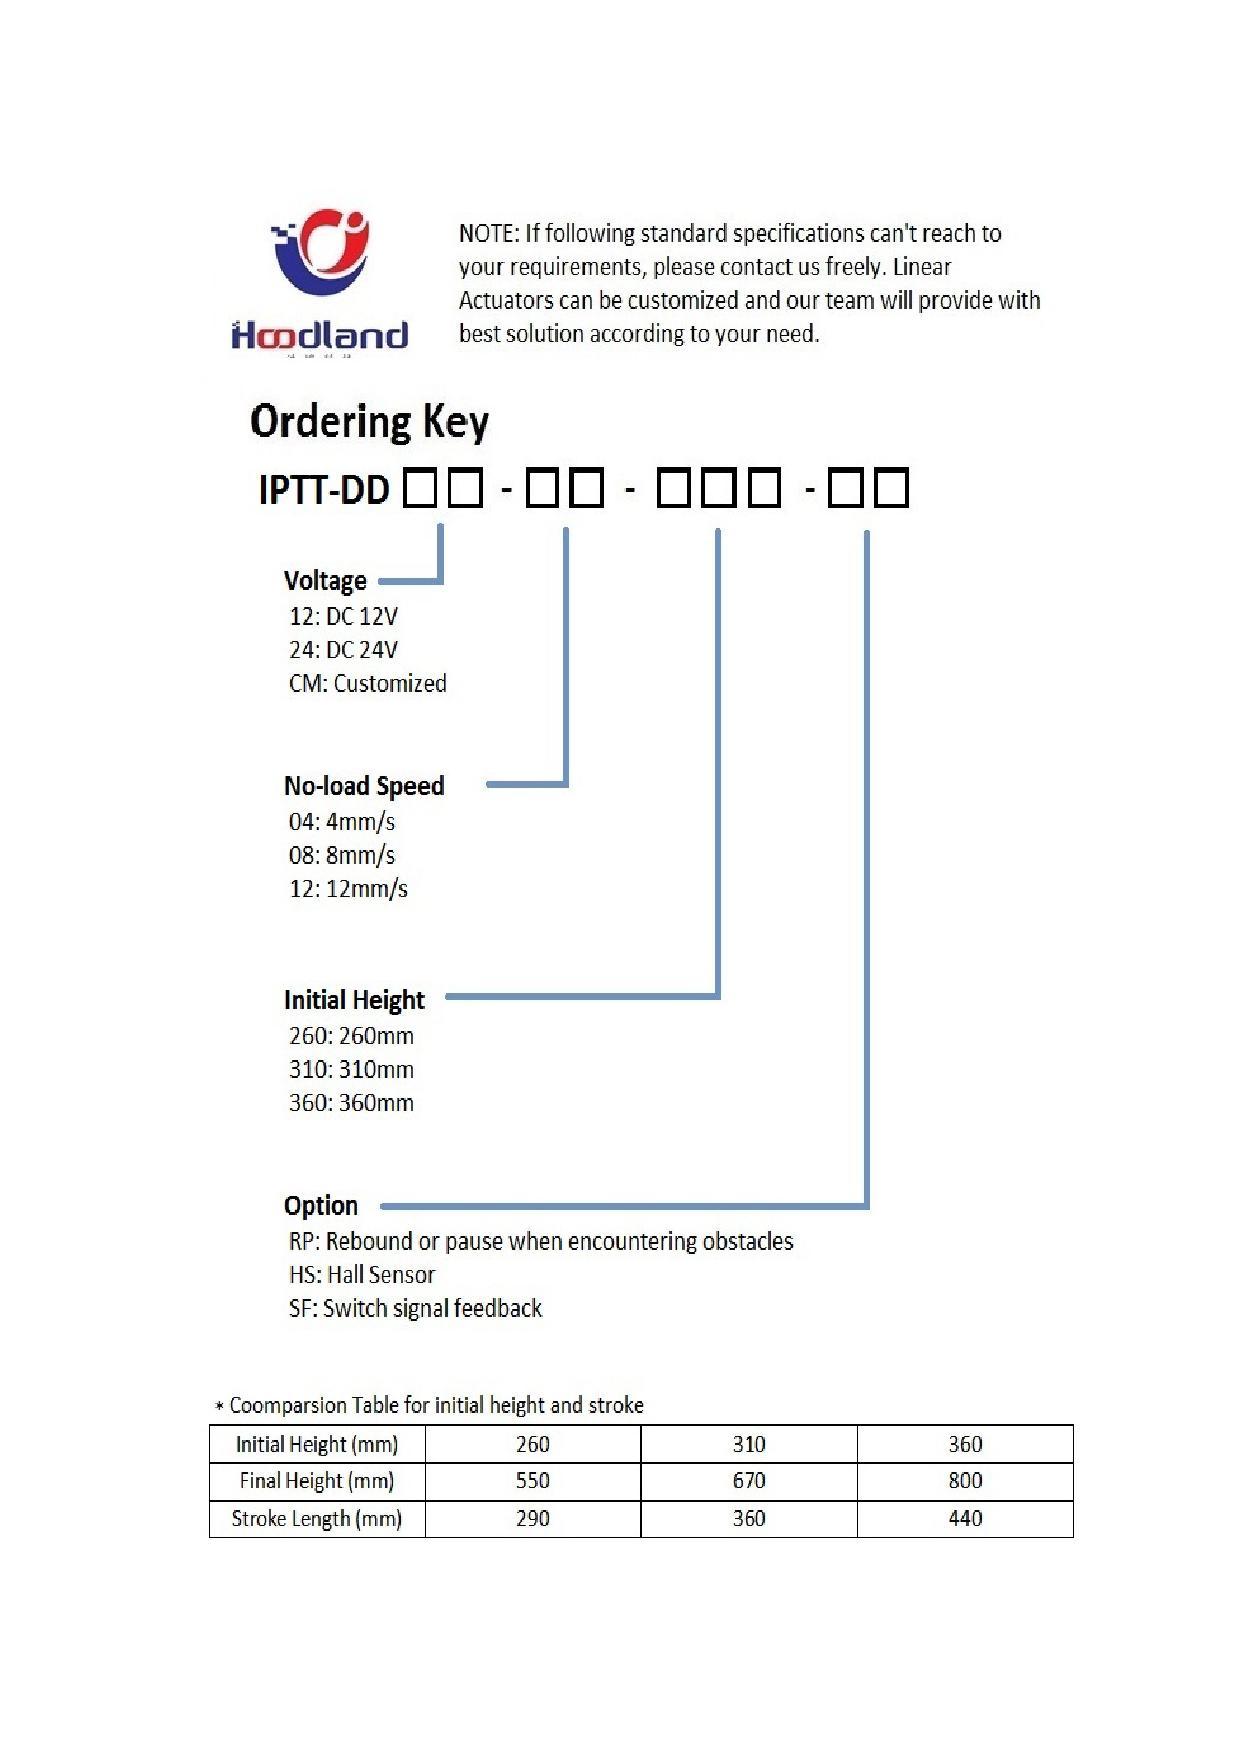 IPTT-DD Ordering Key-1